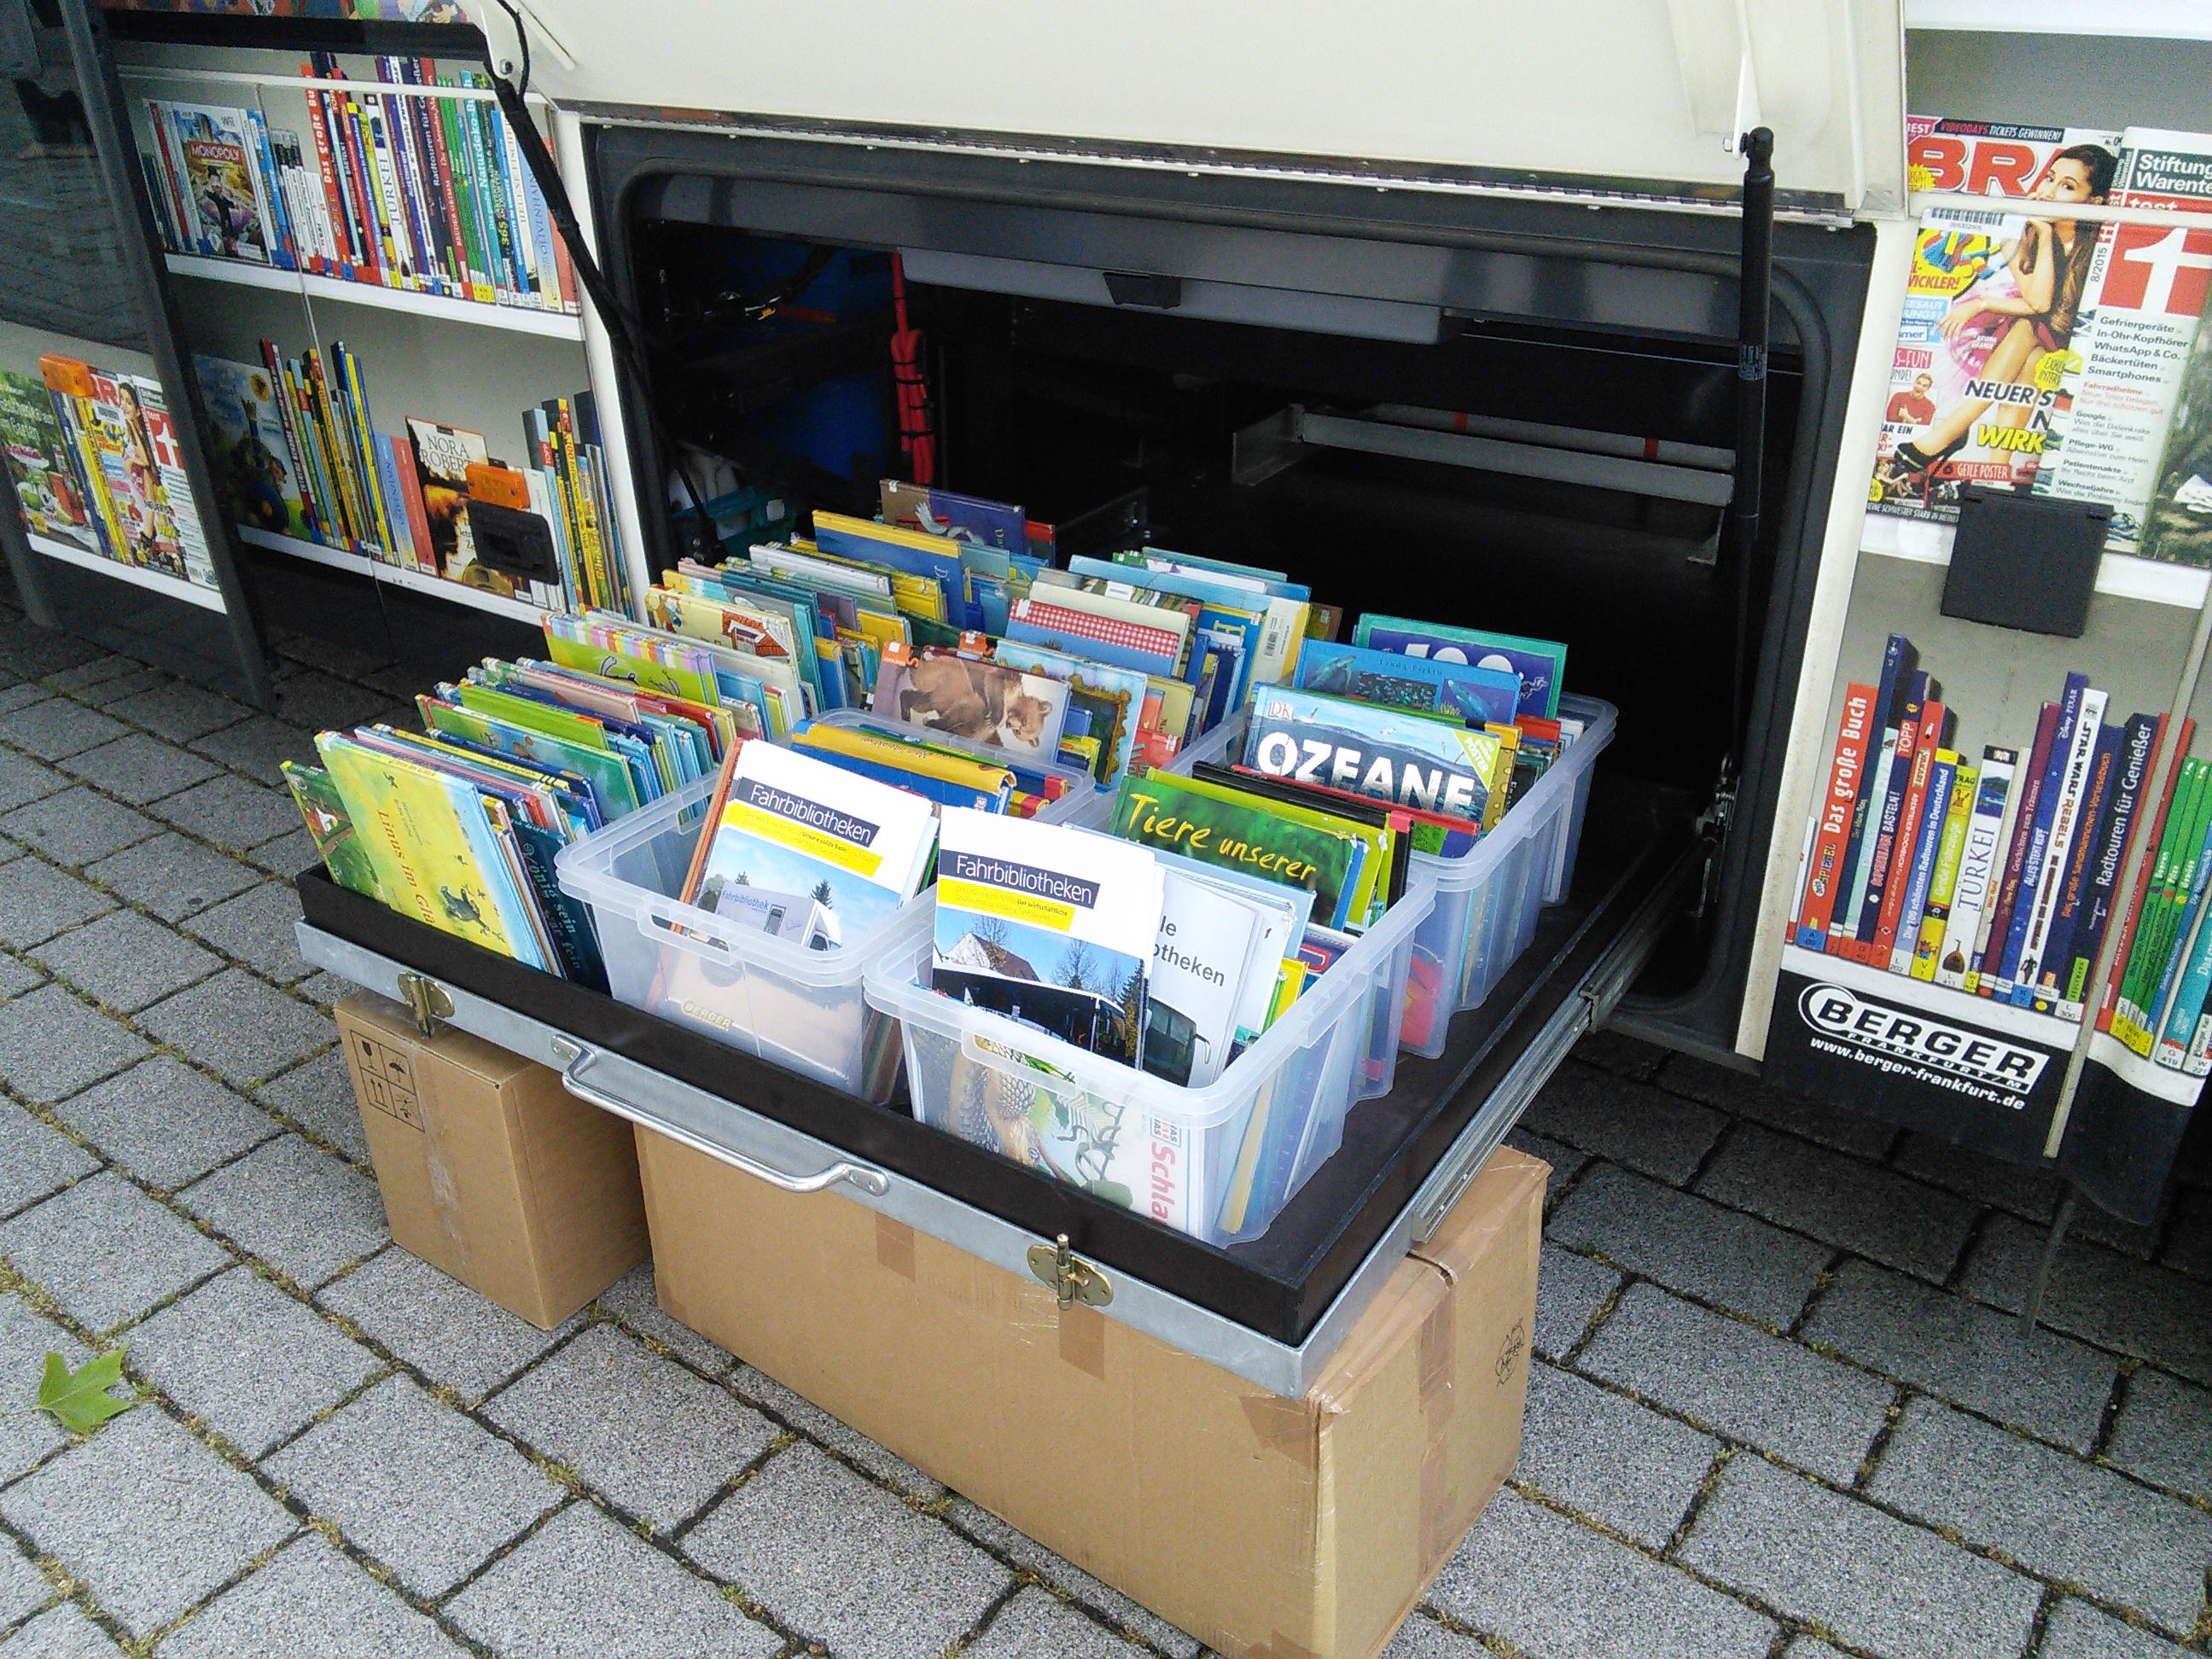 Fahrbibliothek der Stadt- und Regionalbibliothek Erfurt